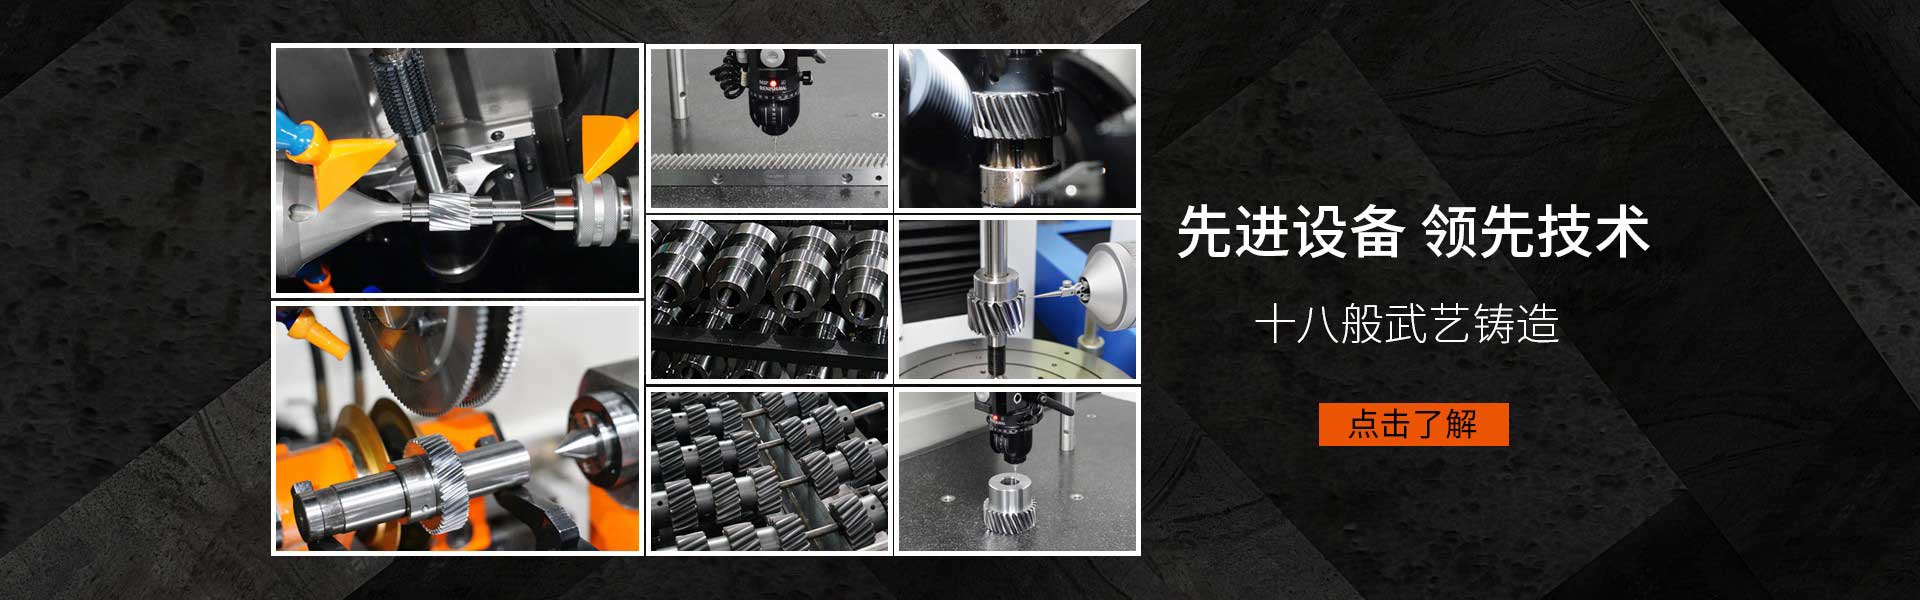 研磨齿条品牌采用先进技术设备制造,精度高寿命长